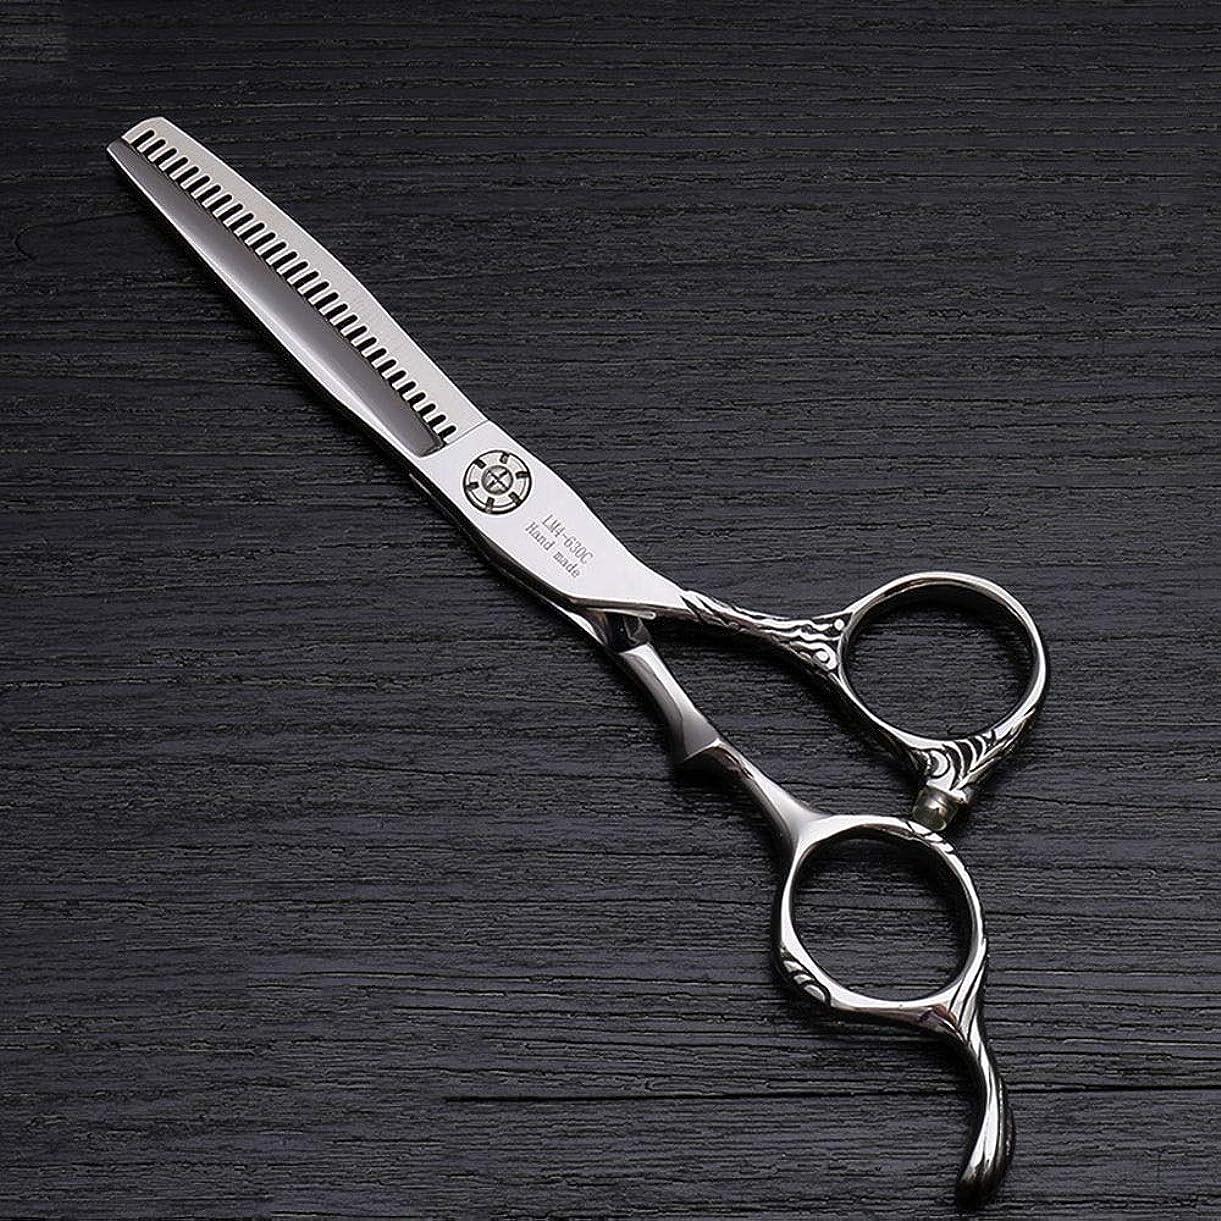 完全に乾く探検ステージ6インチのステンレス鋼の理髪の細い歯はさみ、人格の傾向のヘアスタイリストの特別な理髪はさみ モデリングツール (色 : Silver)